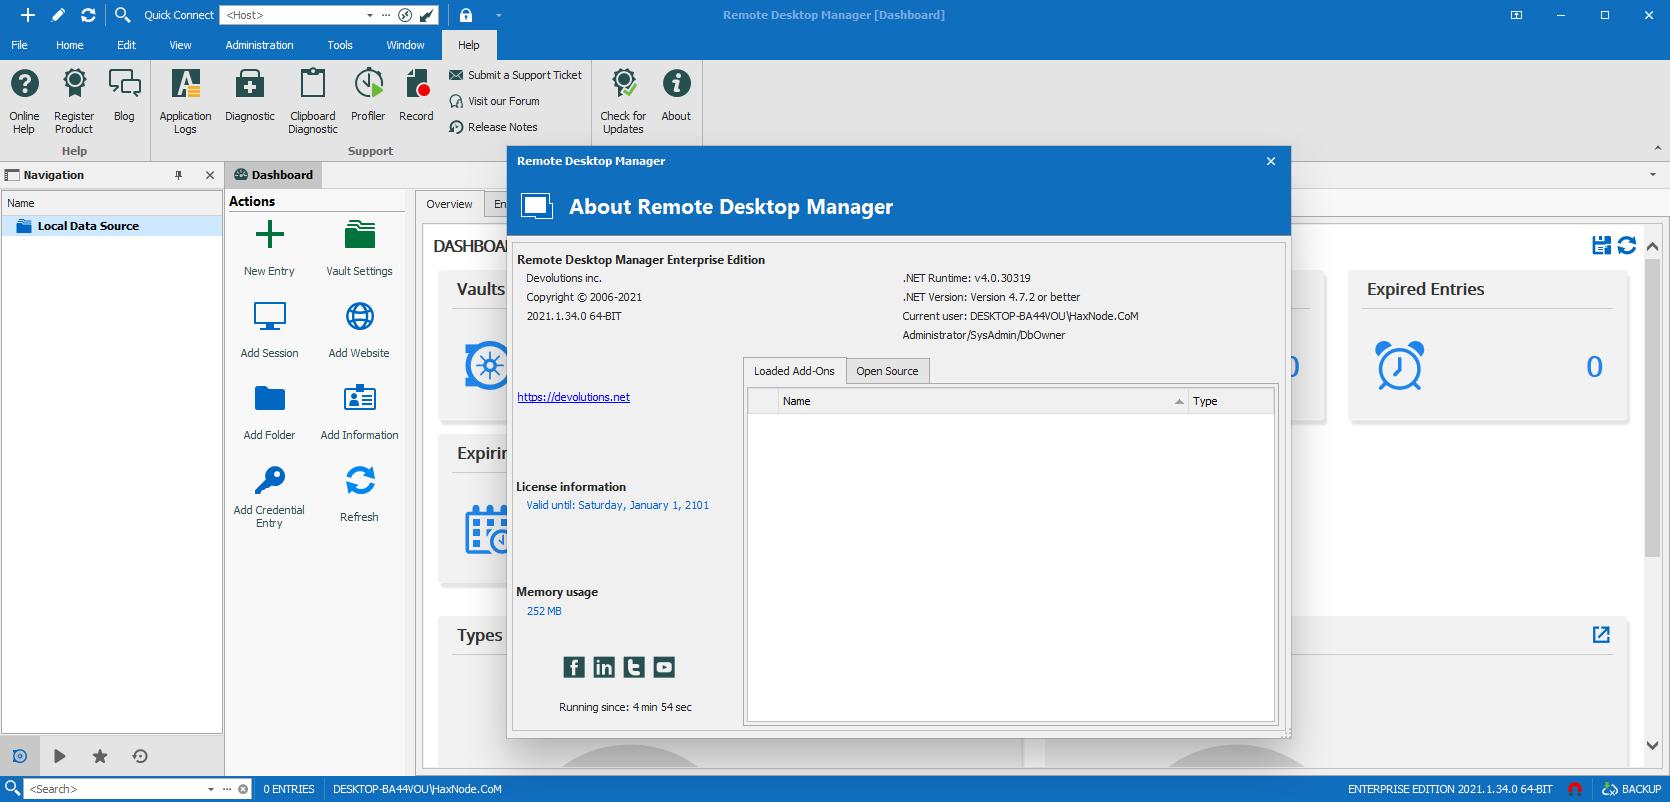 remotedesktopmanager2021.1.34